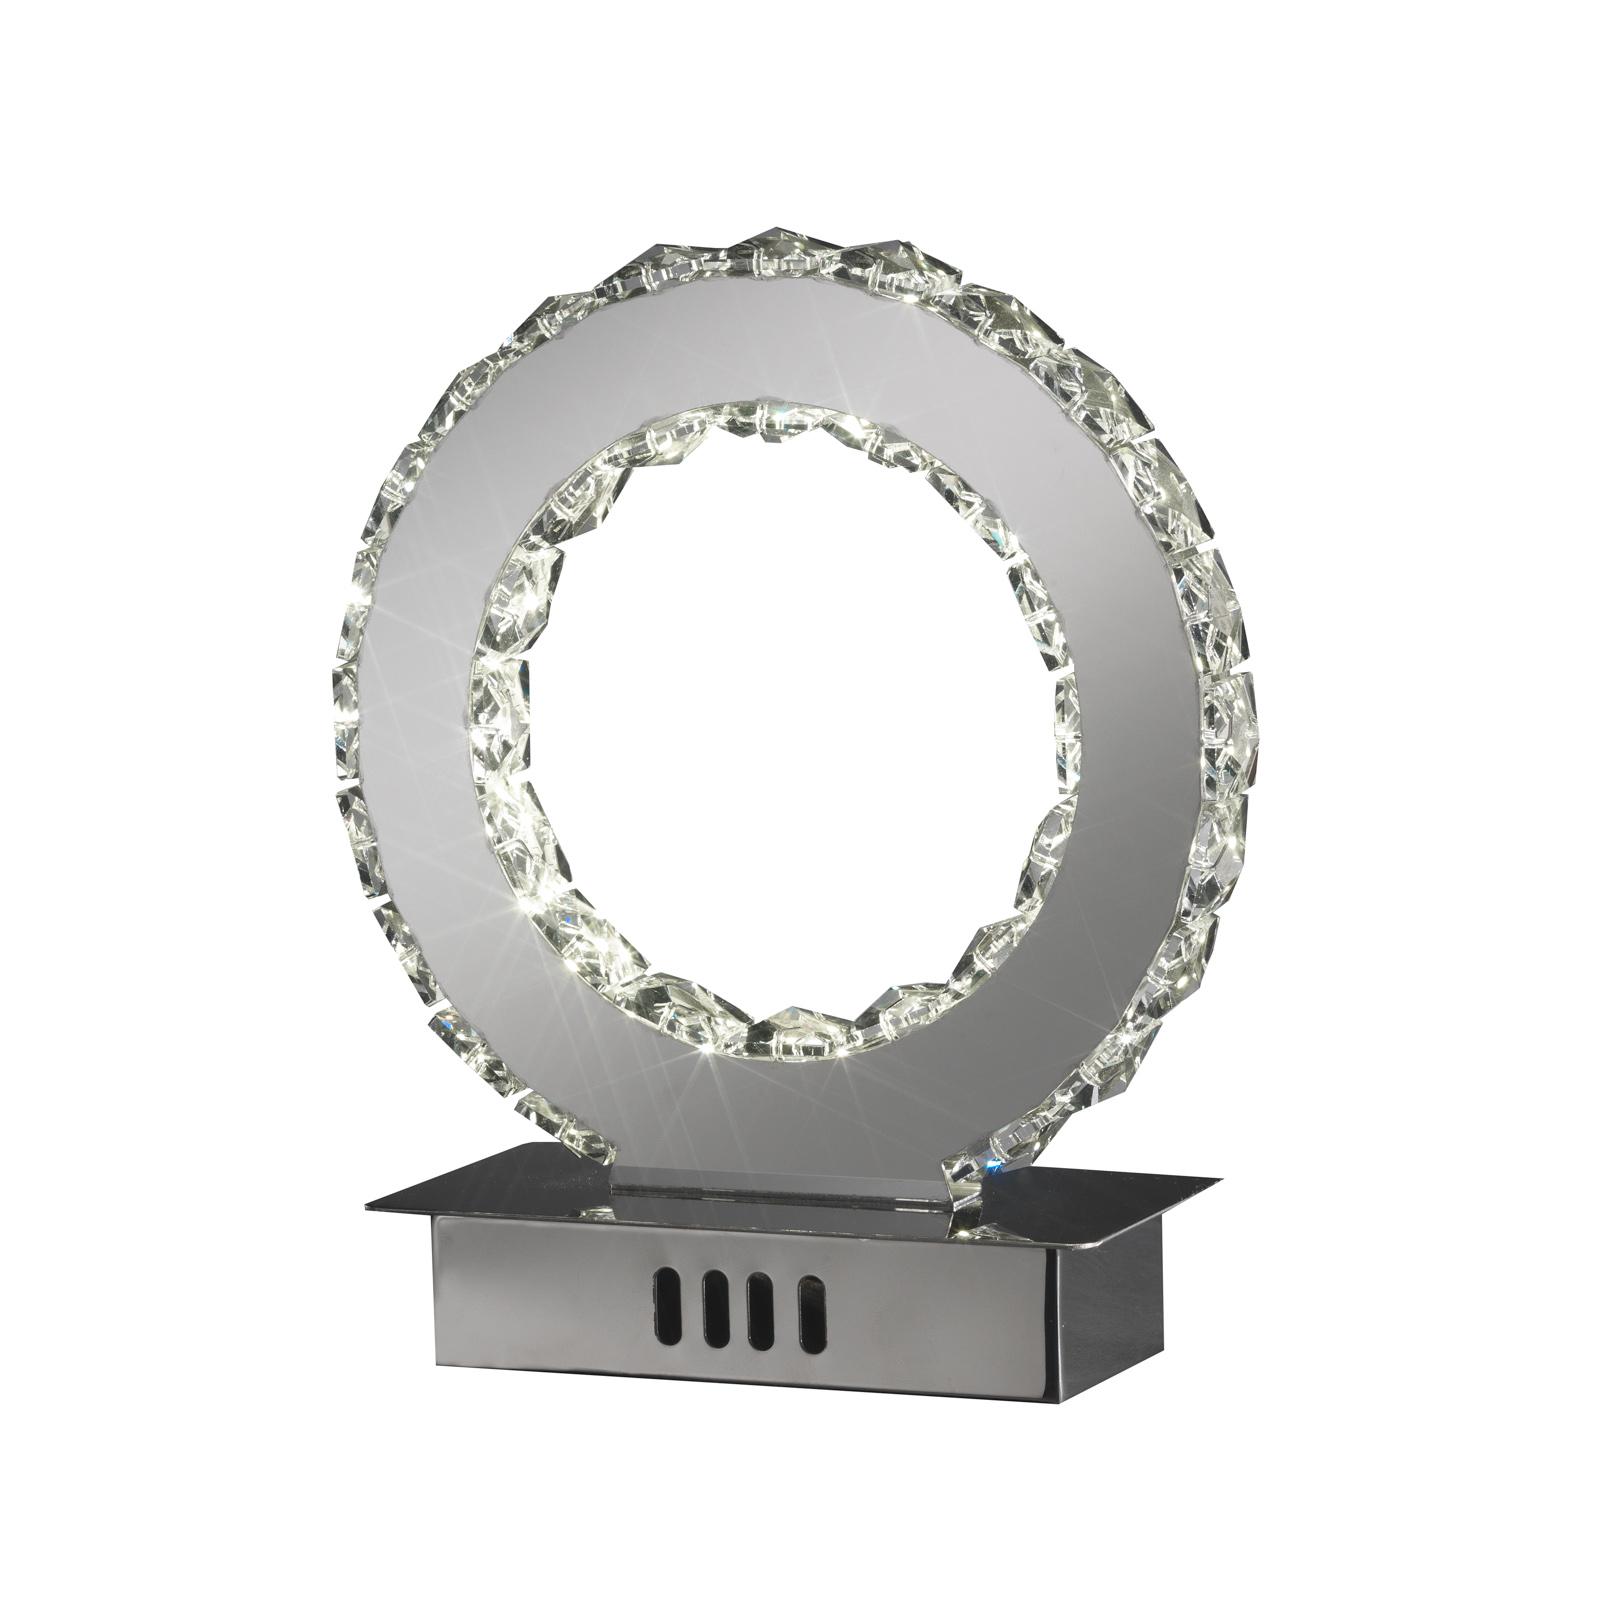 Lampa stołowa LED Saturno kryształowe szkło, 22 cm